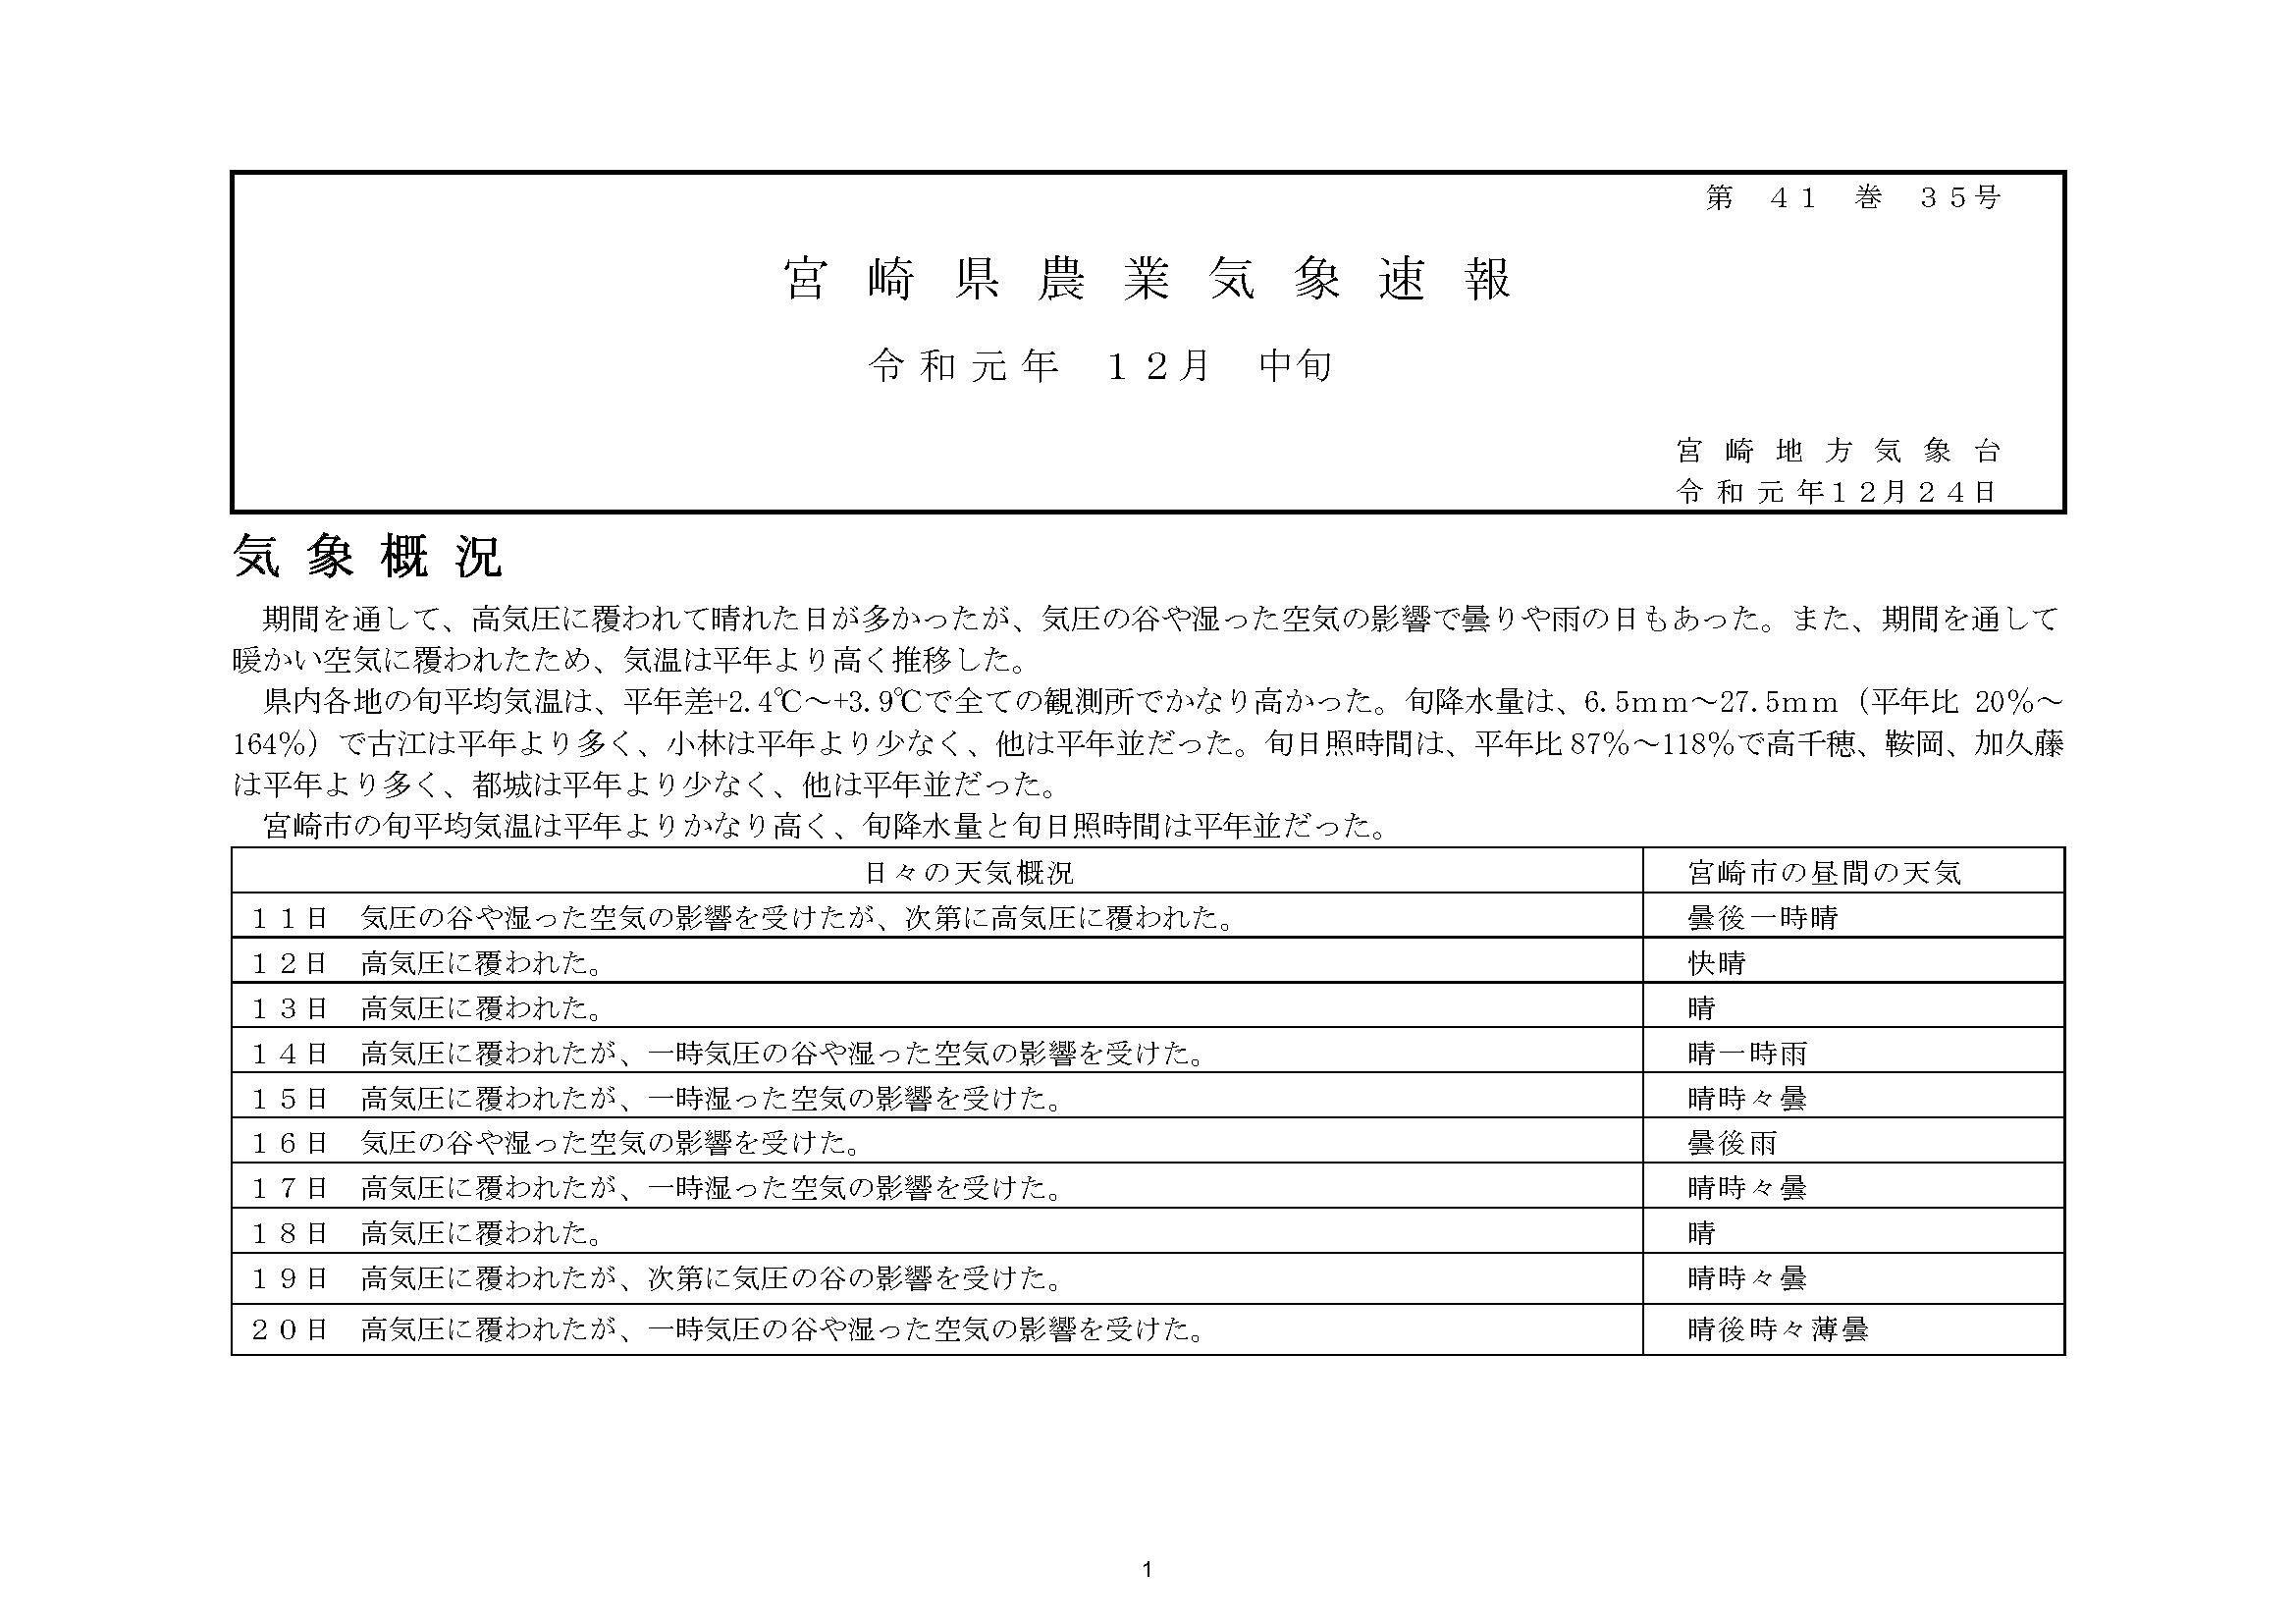 宮崎県農業気象速報令和元年12月中旬PDF